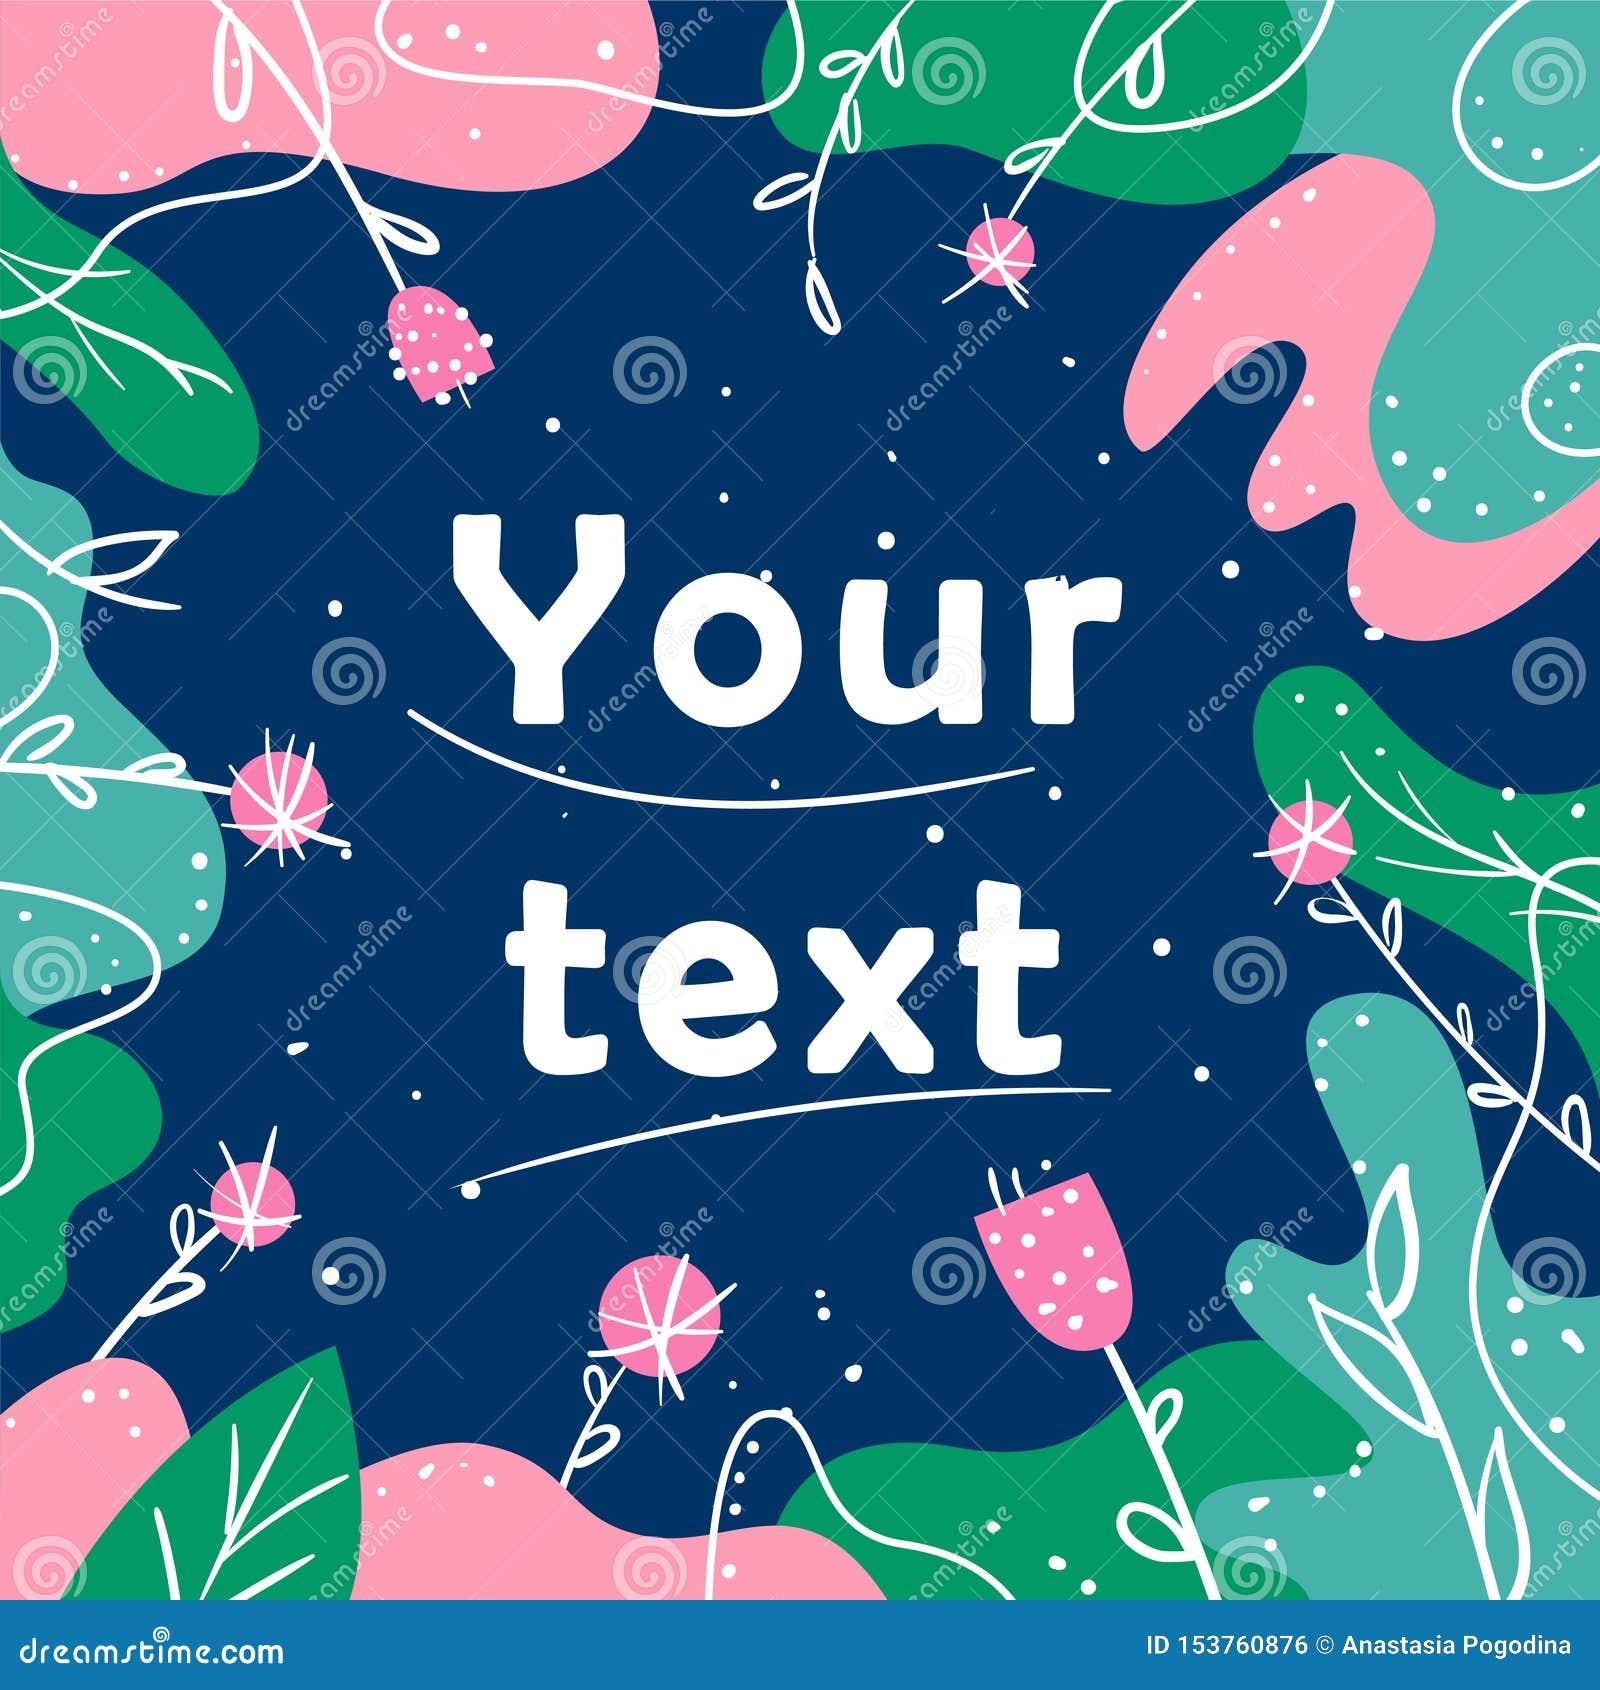 Διανυσματική απεικόνιση για το κείμενο και τα κοινωνικά μέσα